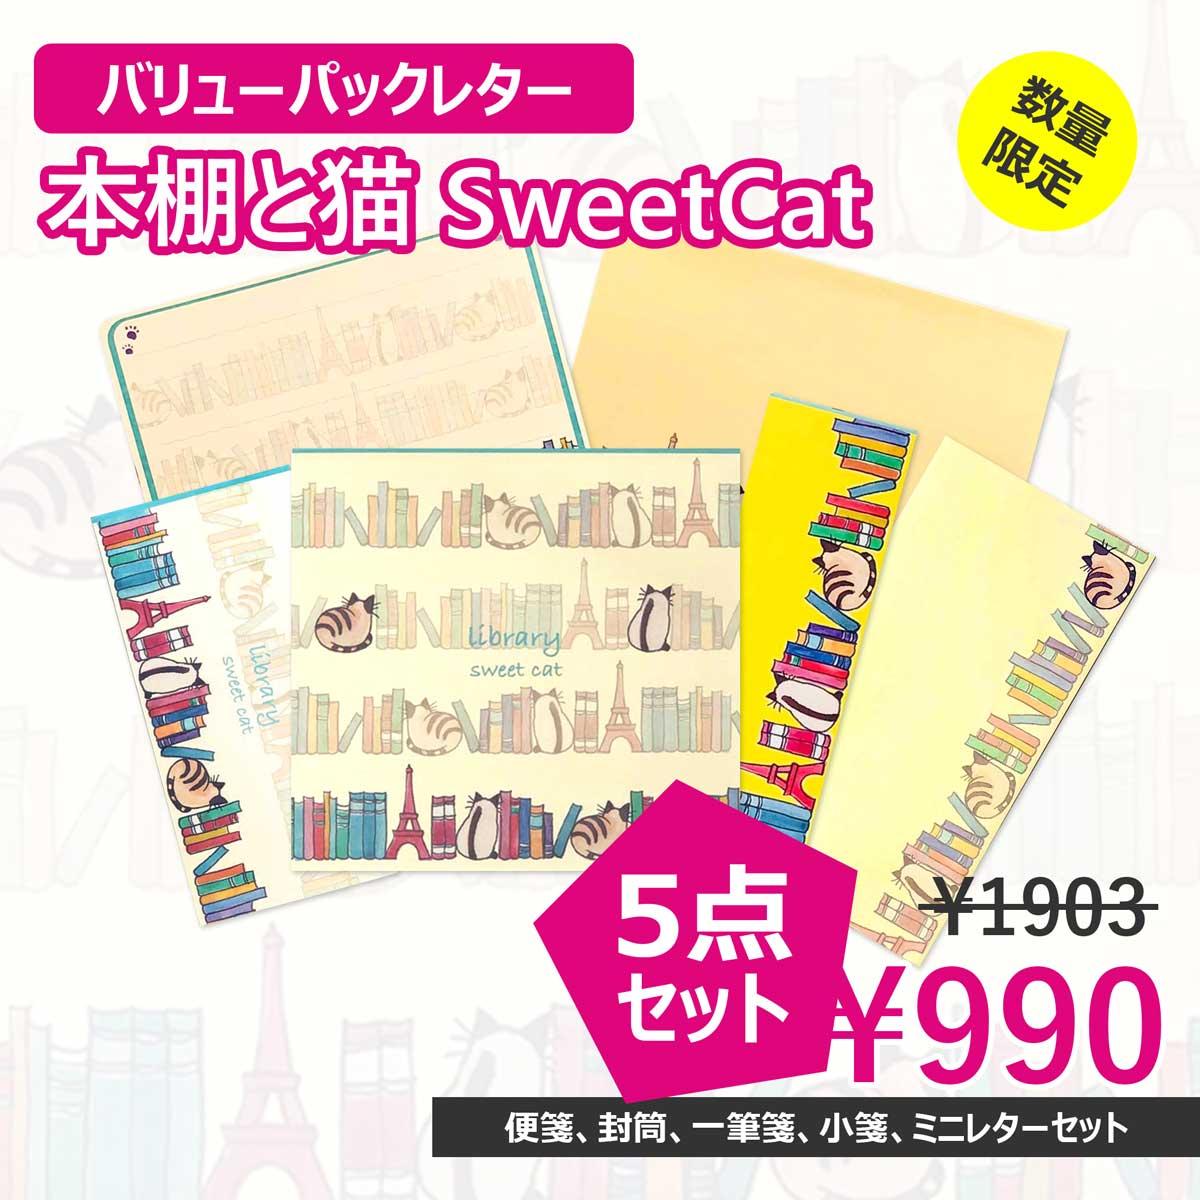 バリューパック 本棚と猫 SweetCat | vp-028